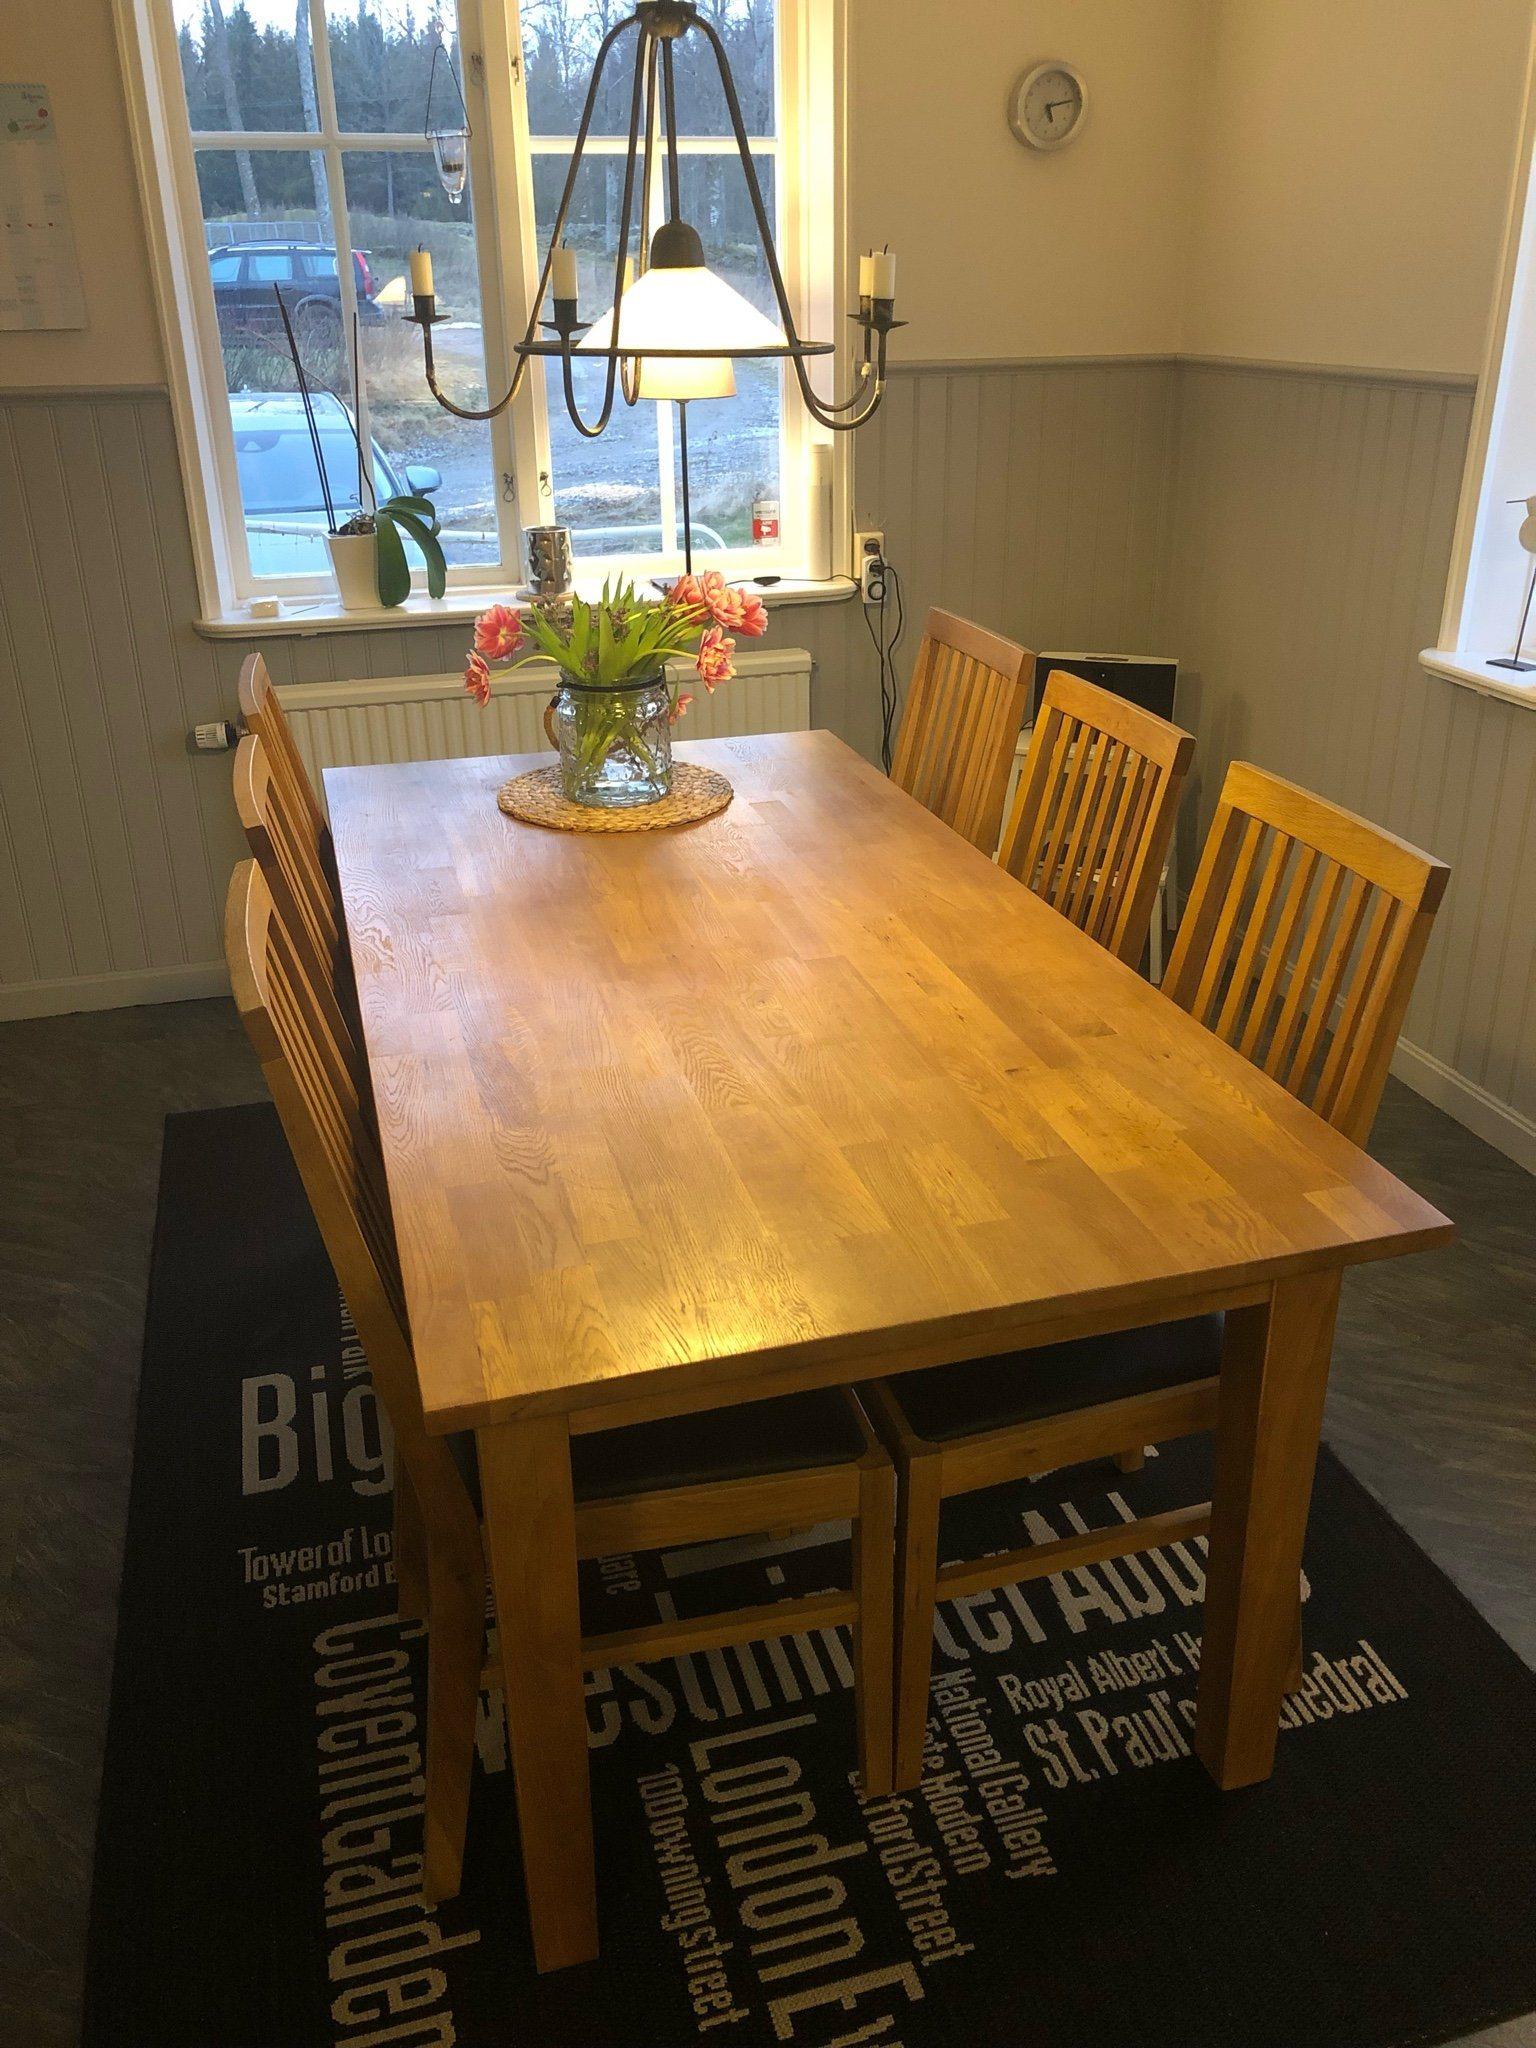 vitt köksbord med 6 stolar